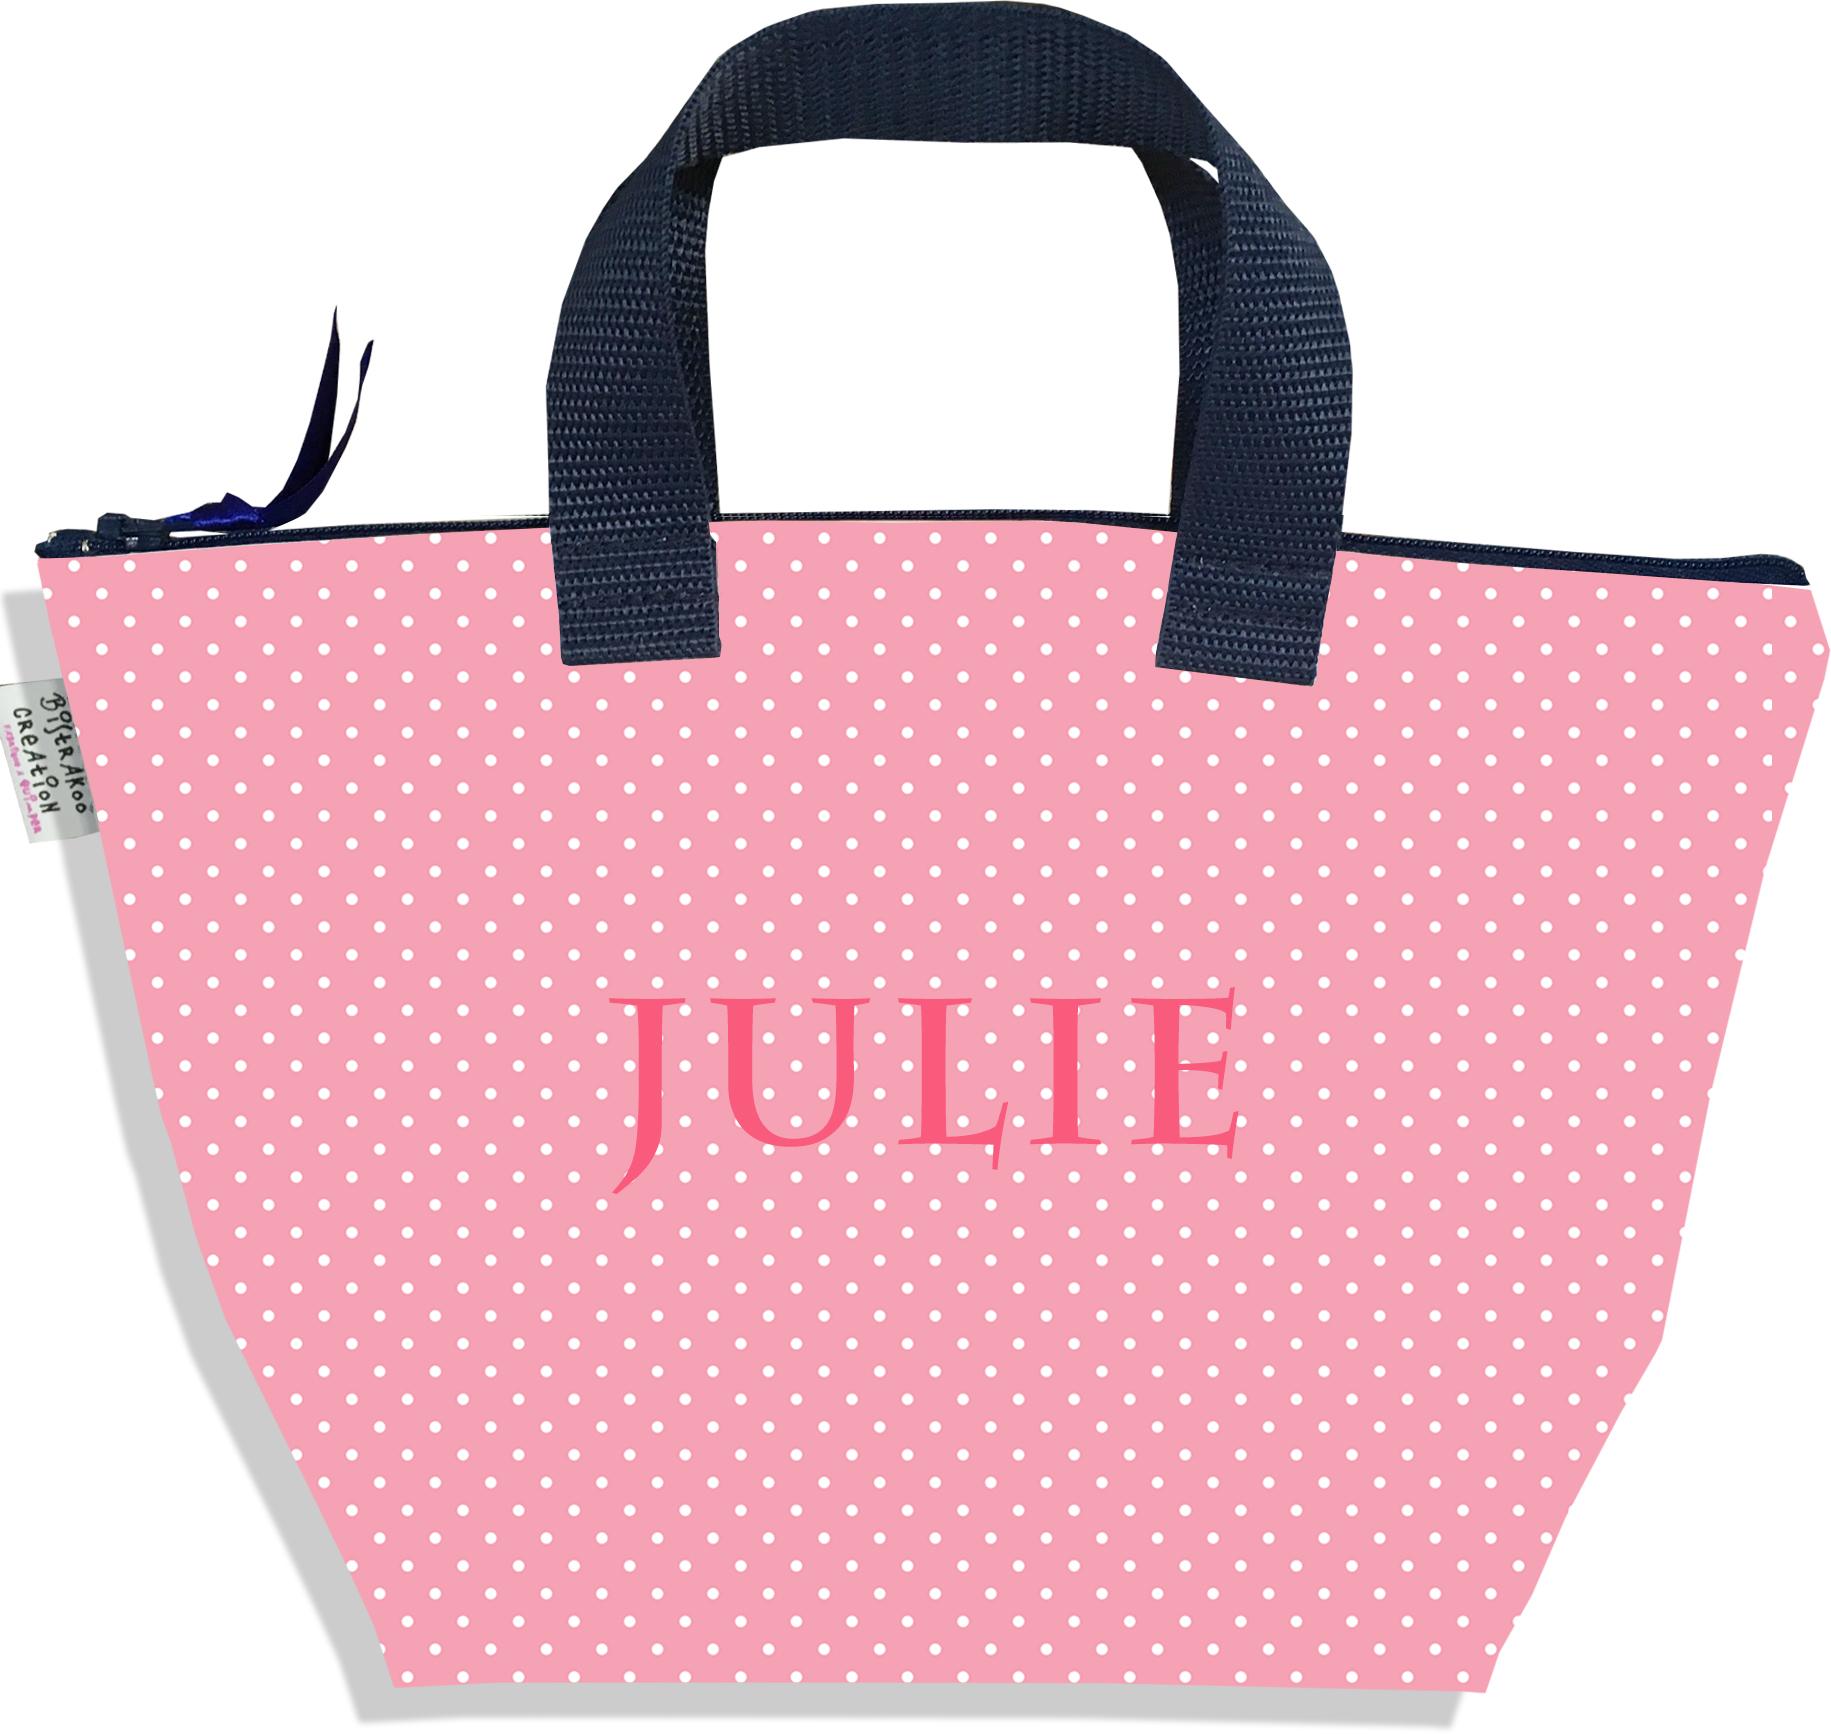 Sac à main zippé pour fille personnalisable motif Petits Pois blancs fond rose P2062-2015